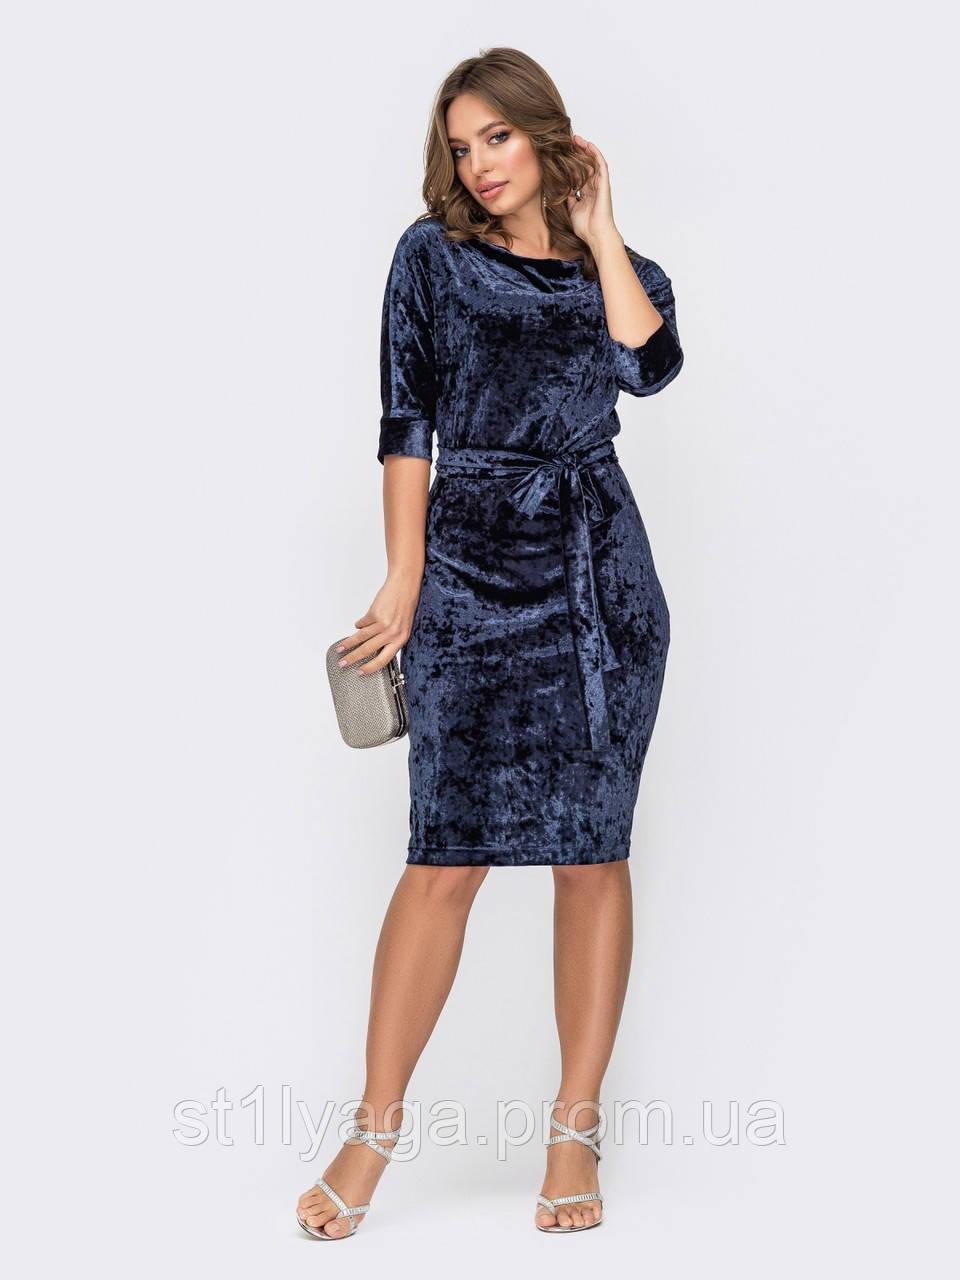 Темно-синє плаття міді з оксамиту